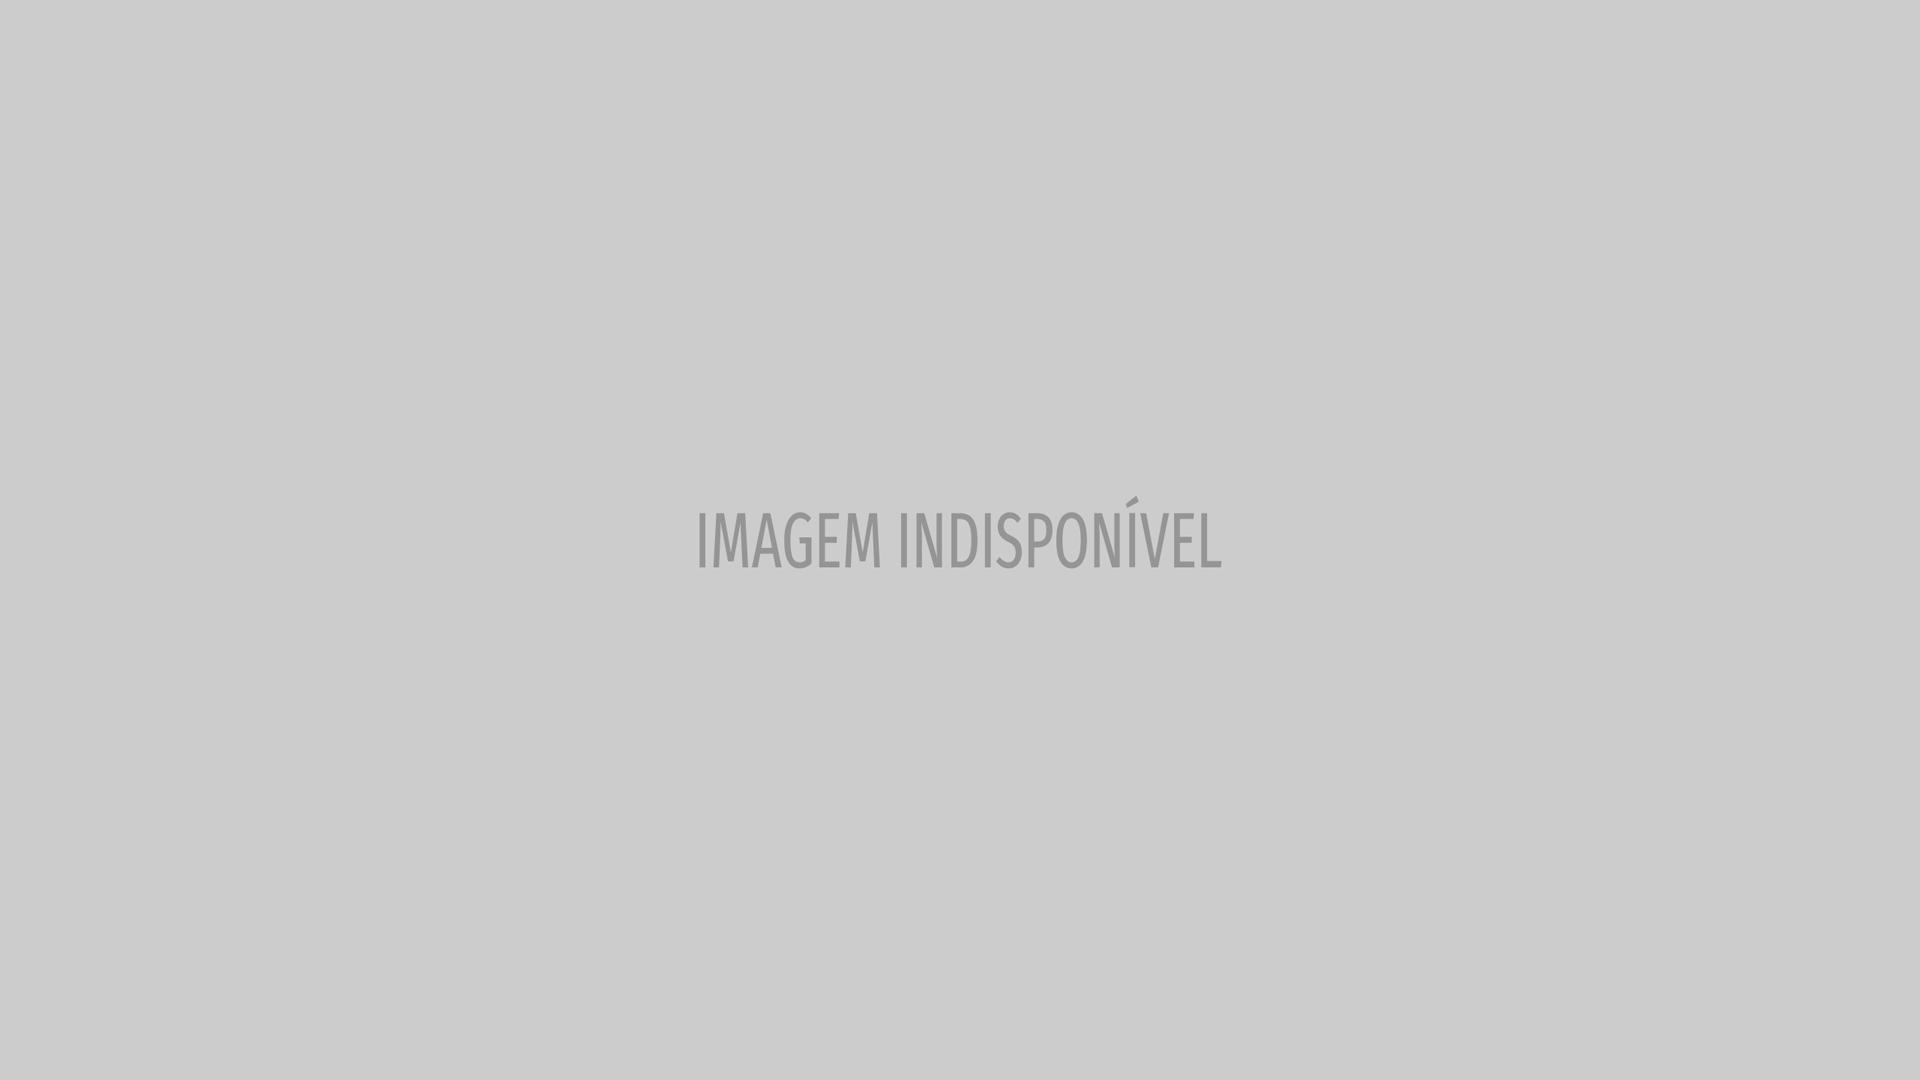 Um sem-abrigo num ternó? Eis o novo mural de Banksy